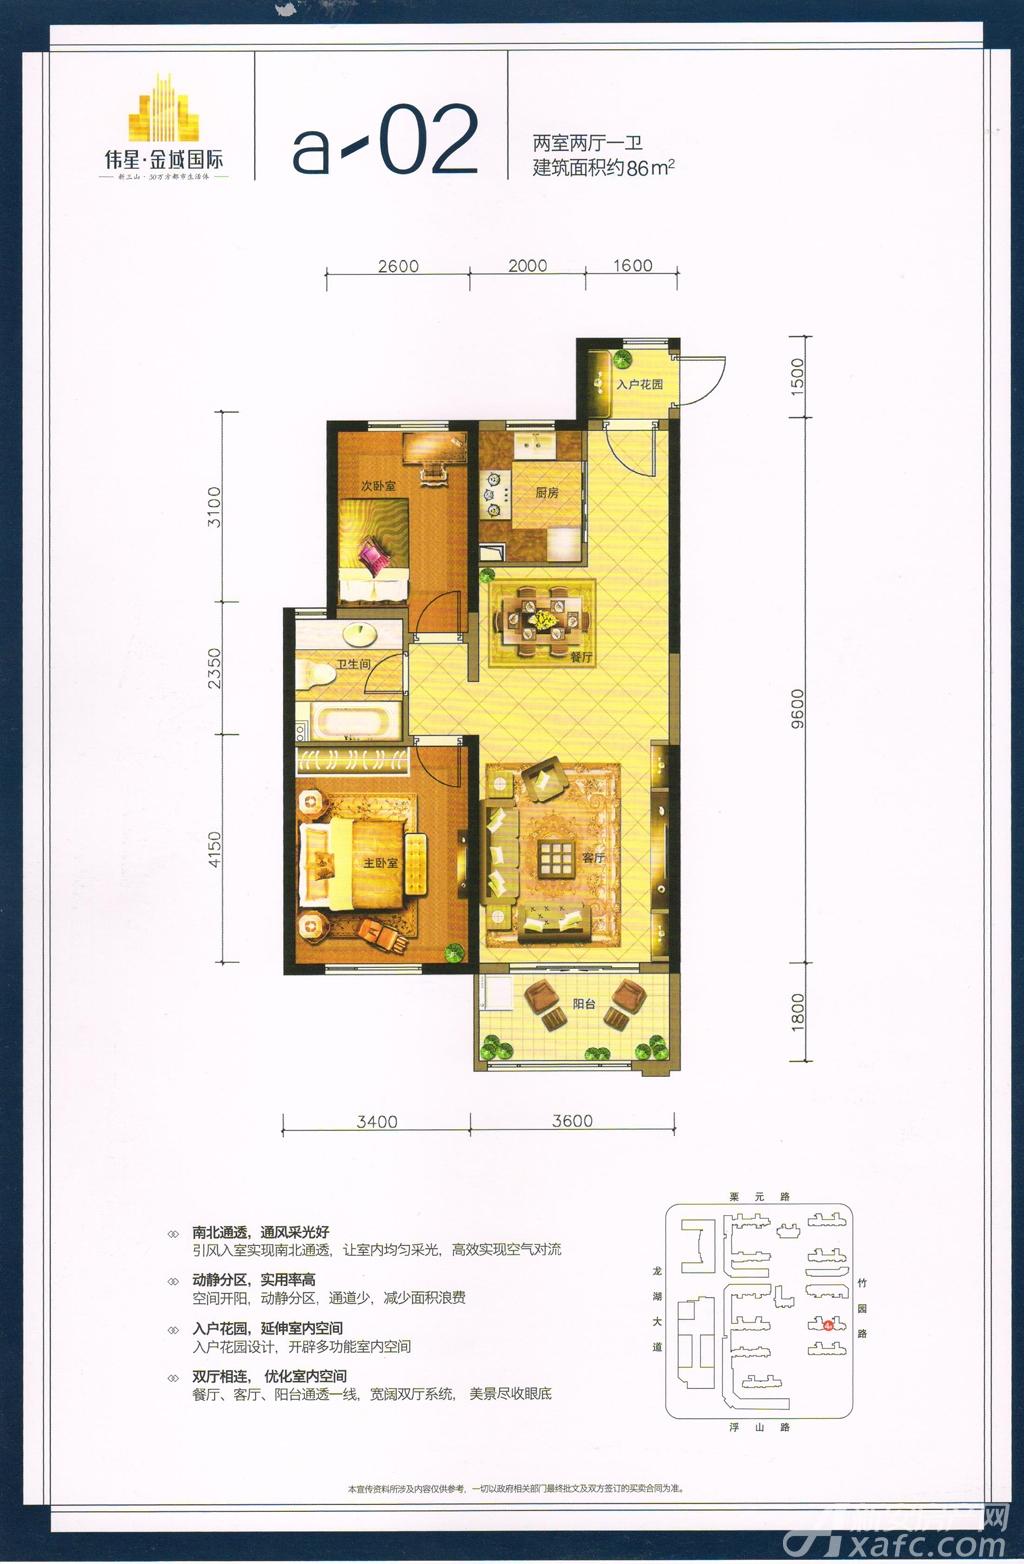 伟星金域国际a-02户型2室2厅86平米